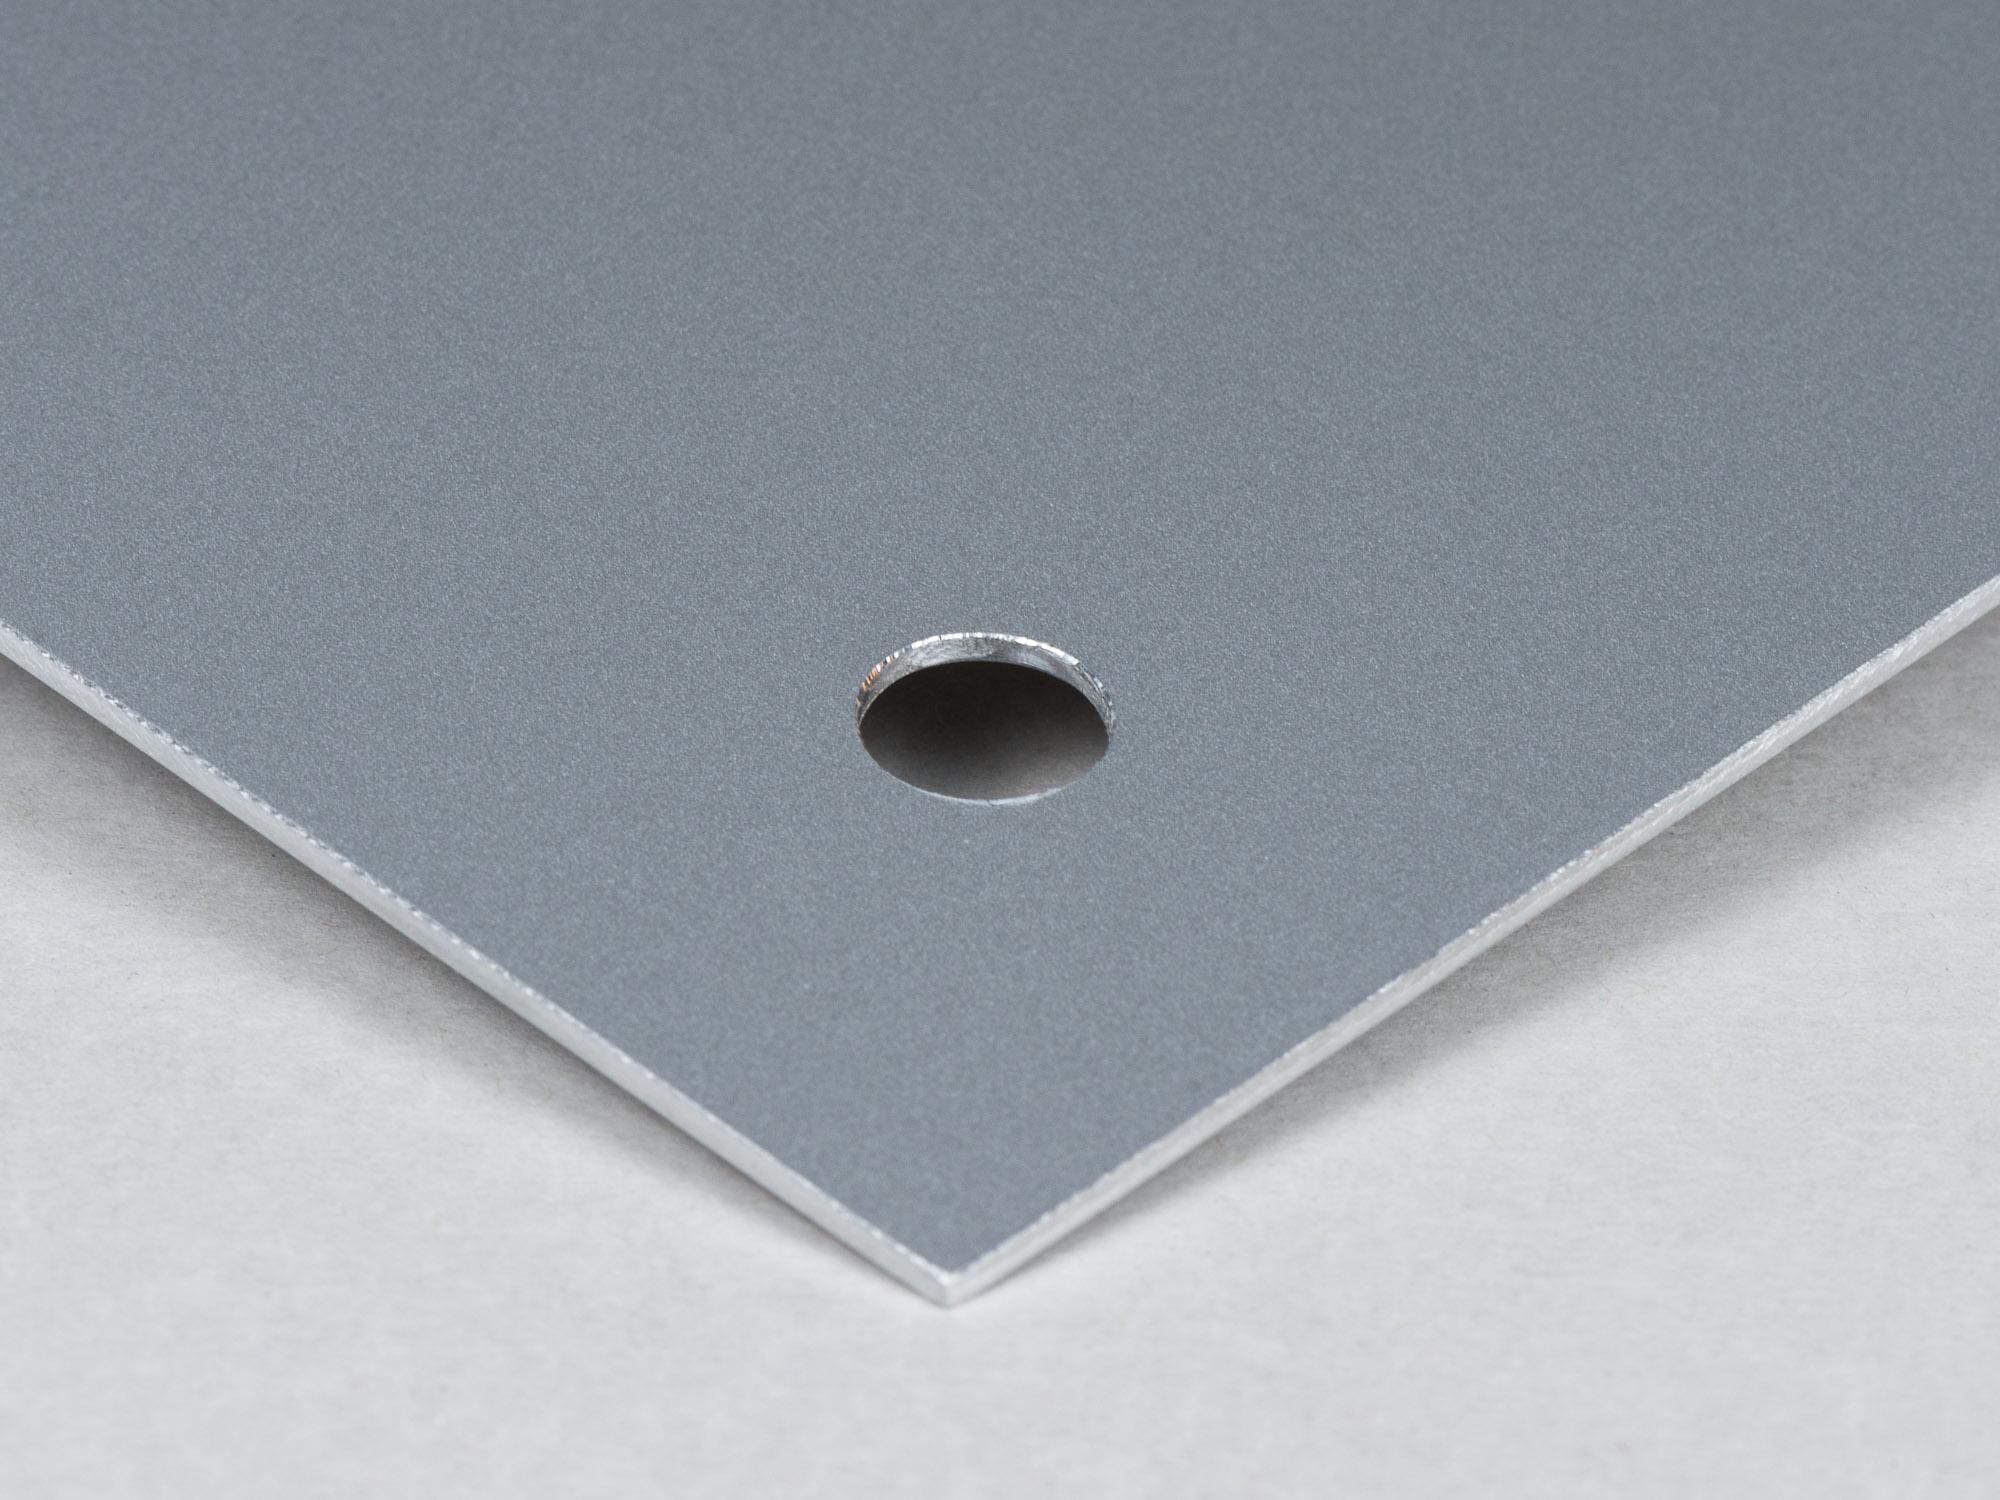 Utskrift på aluminium med hål för distans